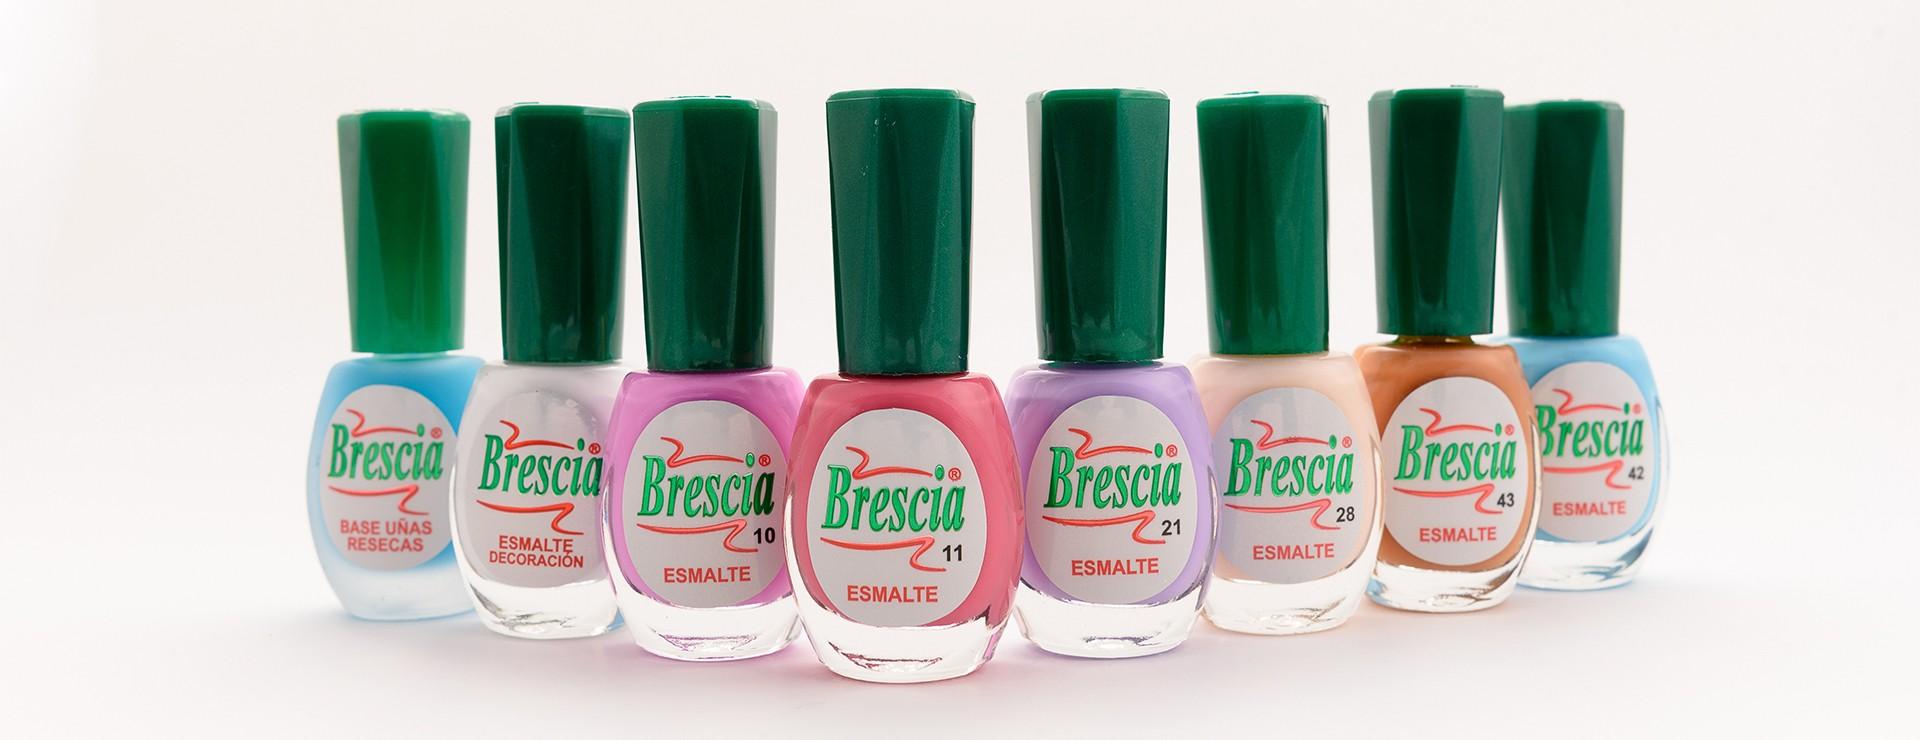 Esmaltes para uñas - colores de uñas